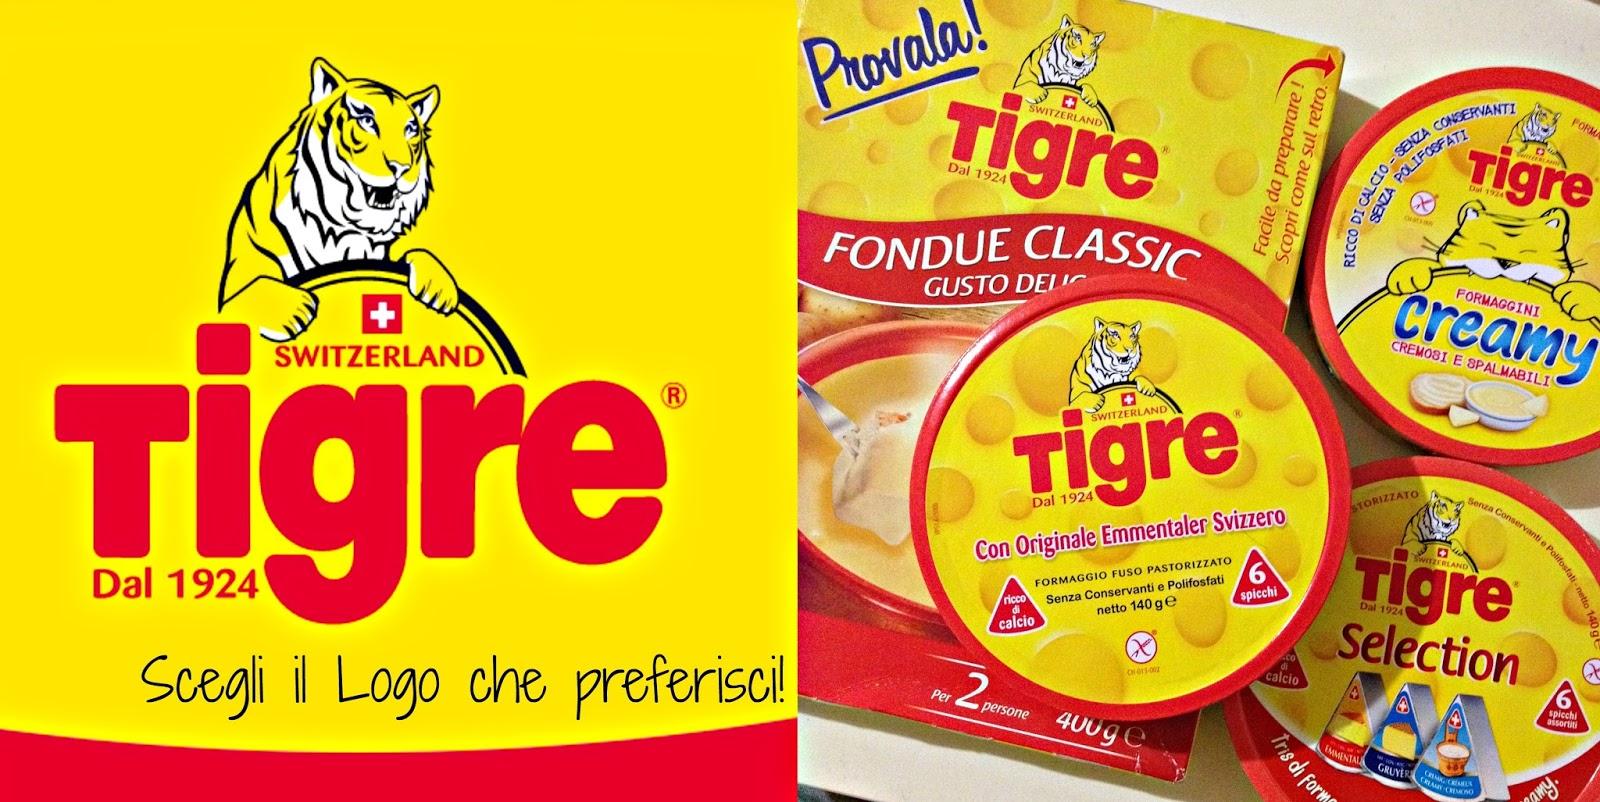 tigre il gusto del cambiamento